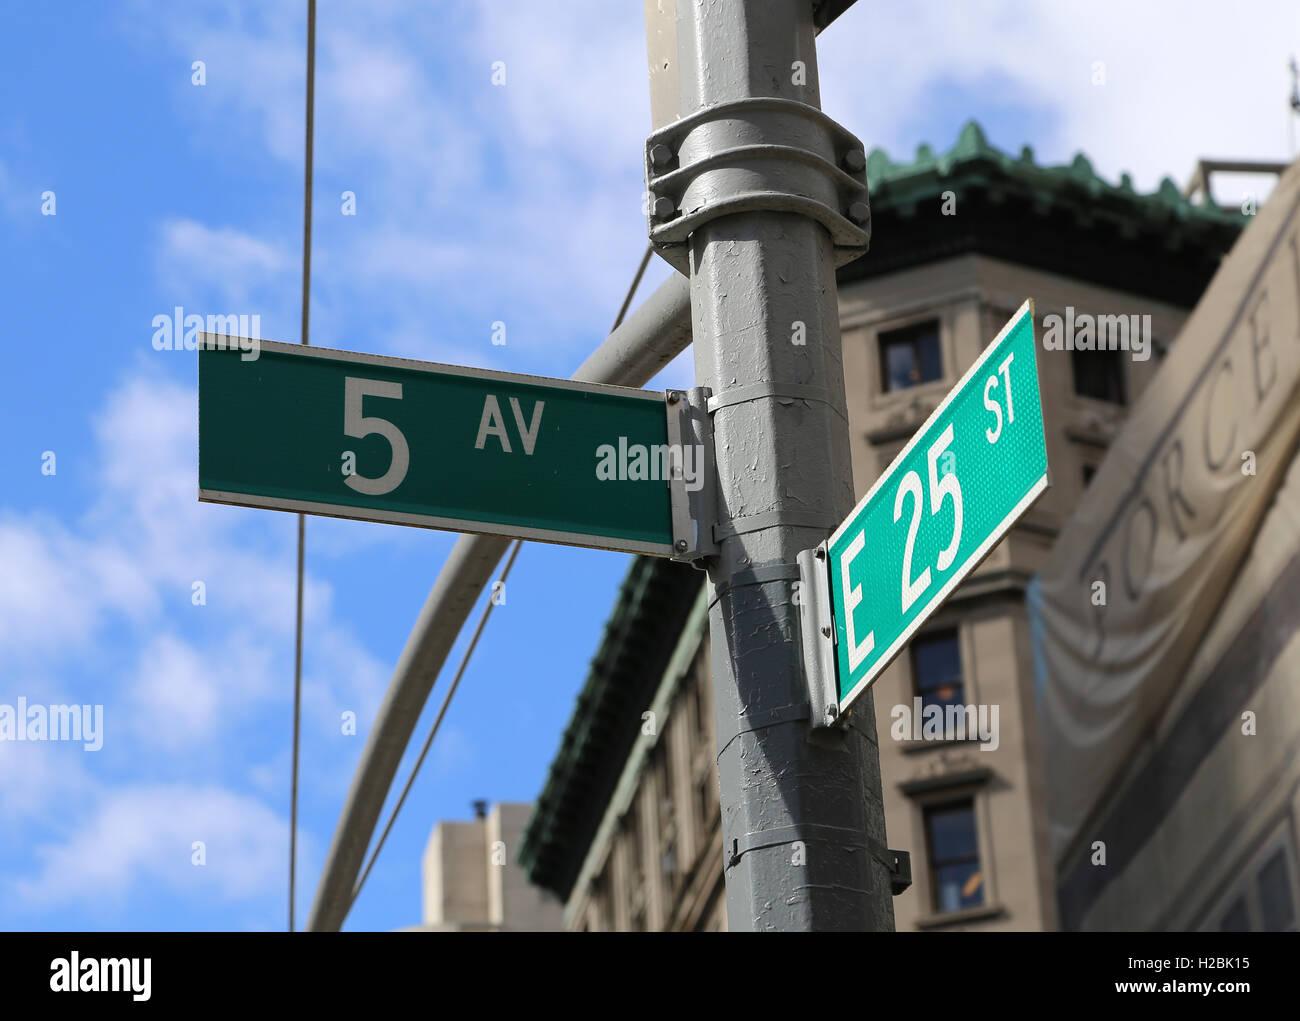 Indiquer la 5e Avenue. New York, États-Unis. Photo Stock